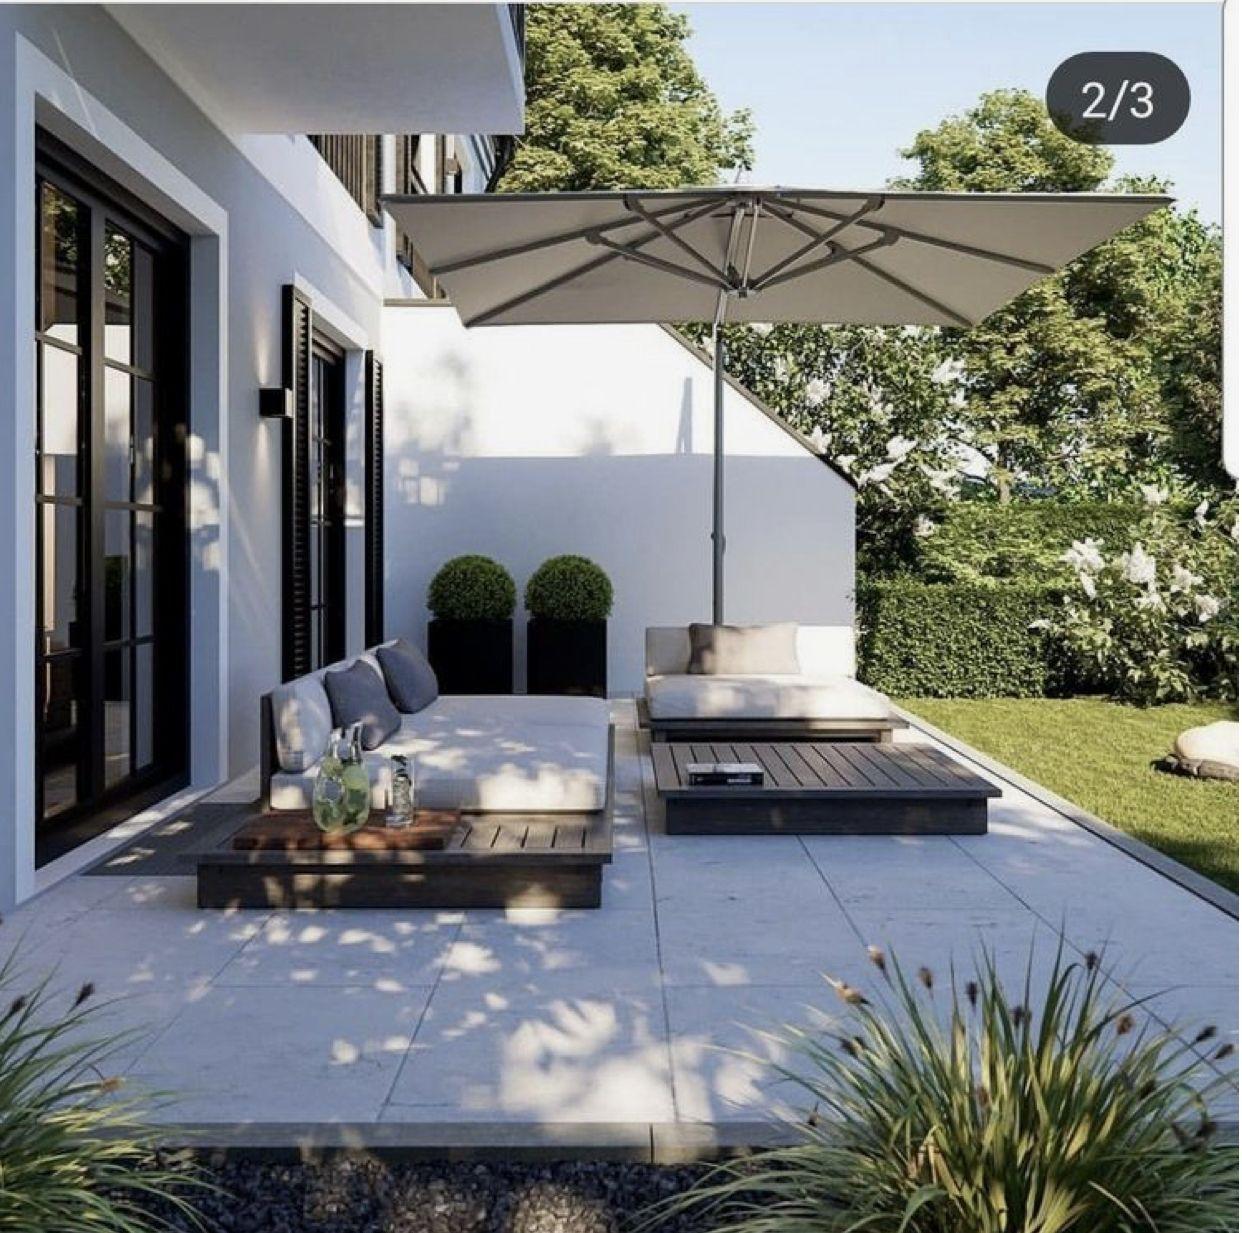 Pin Von Nabou Diaw Auf Ogrod In 2020 Garten Landschaftsbau Hintergarten Gartengestaltung